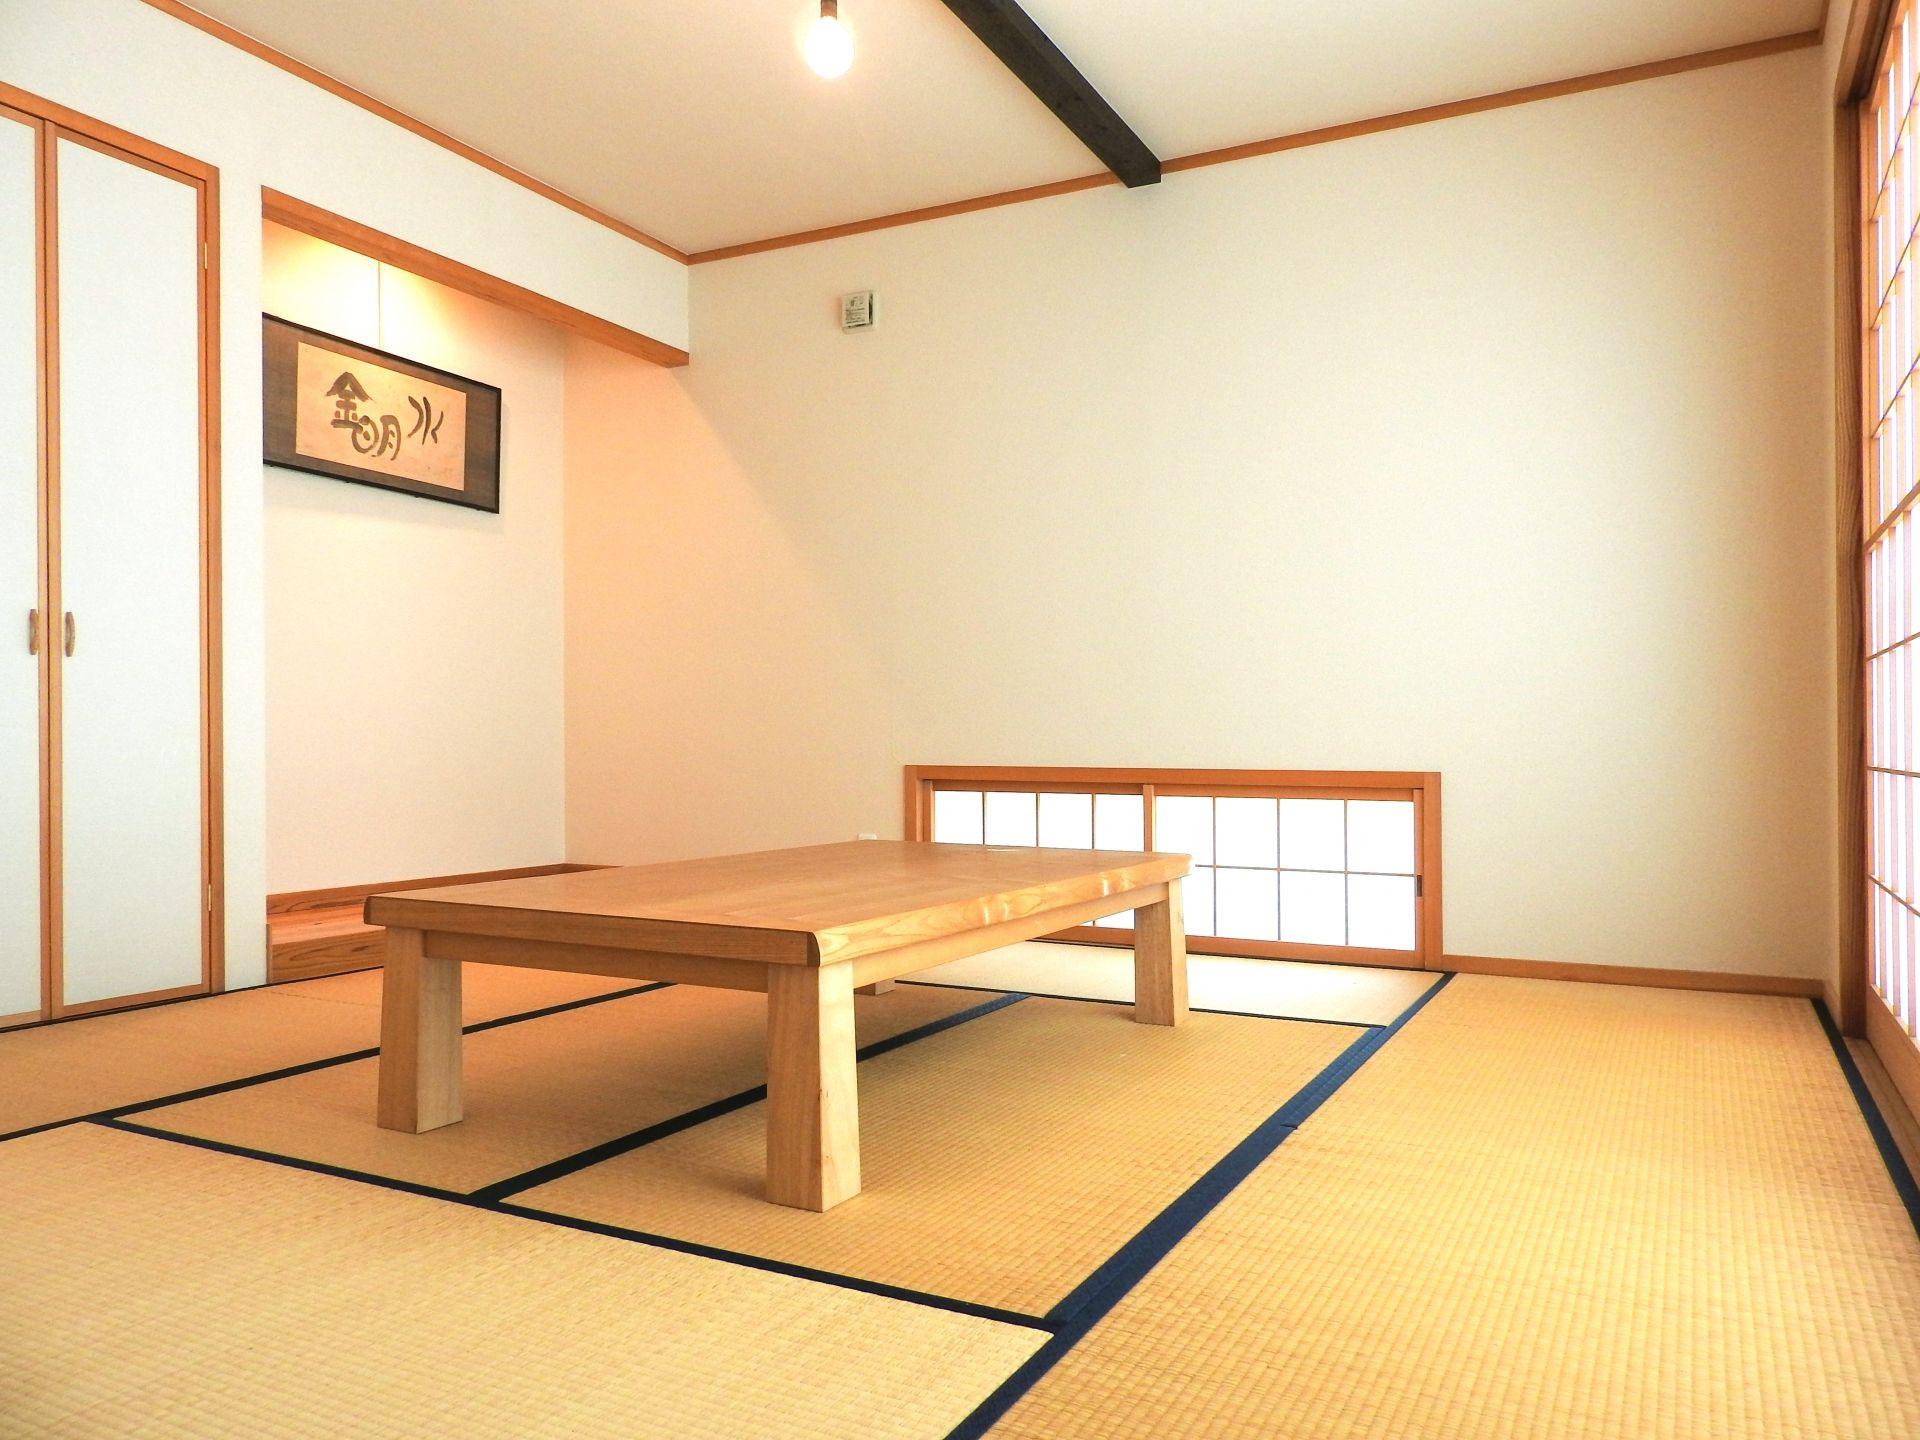 畳の部屋を作るか決める5つのポイント